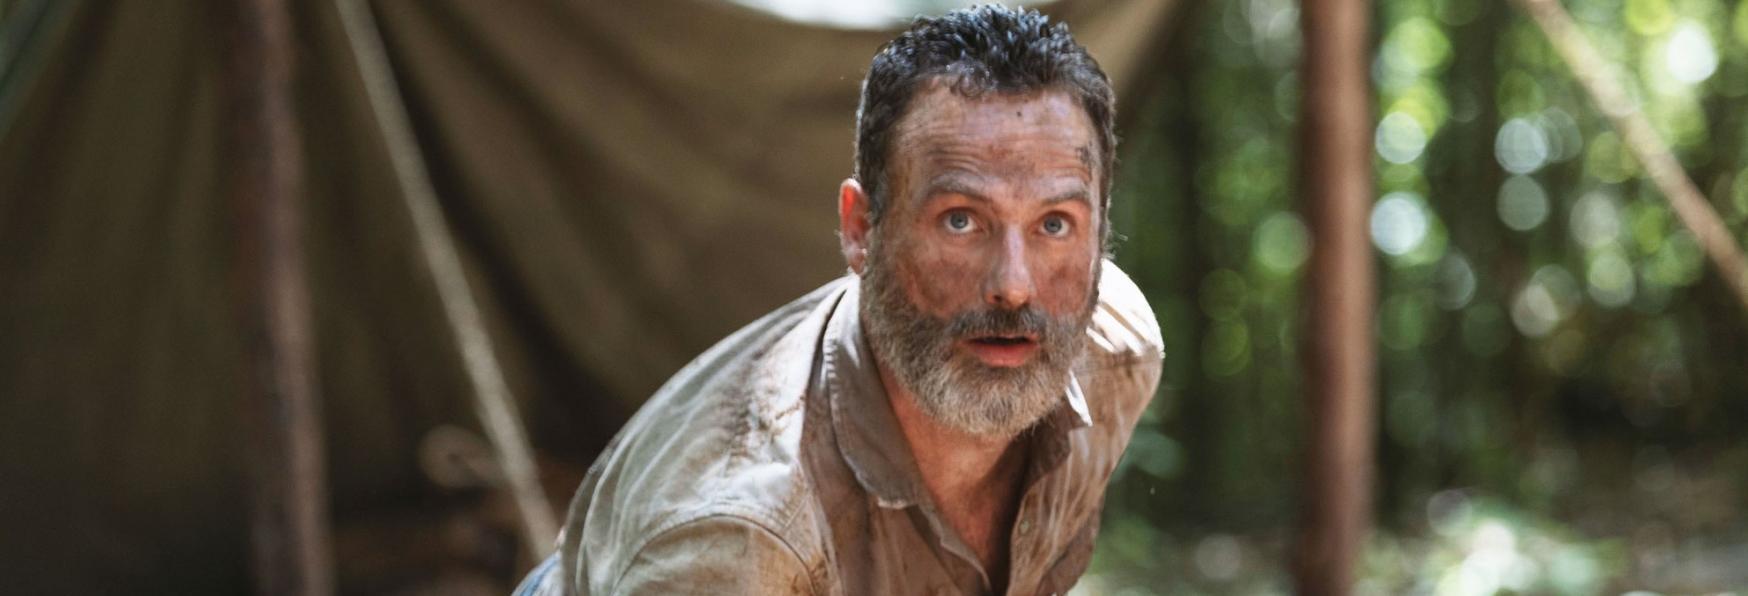 The Walking Dead 11: Rivedremo Rick Grimes nella Stagione Finale della Serie TV?